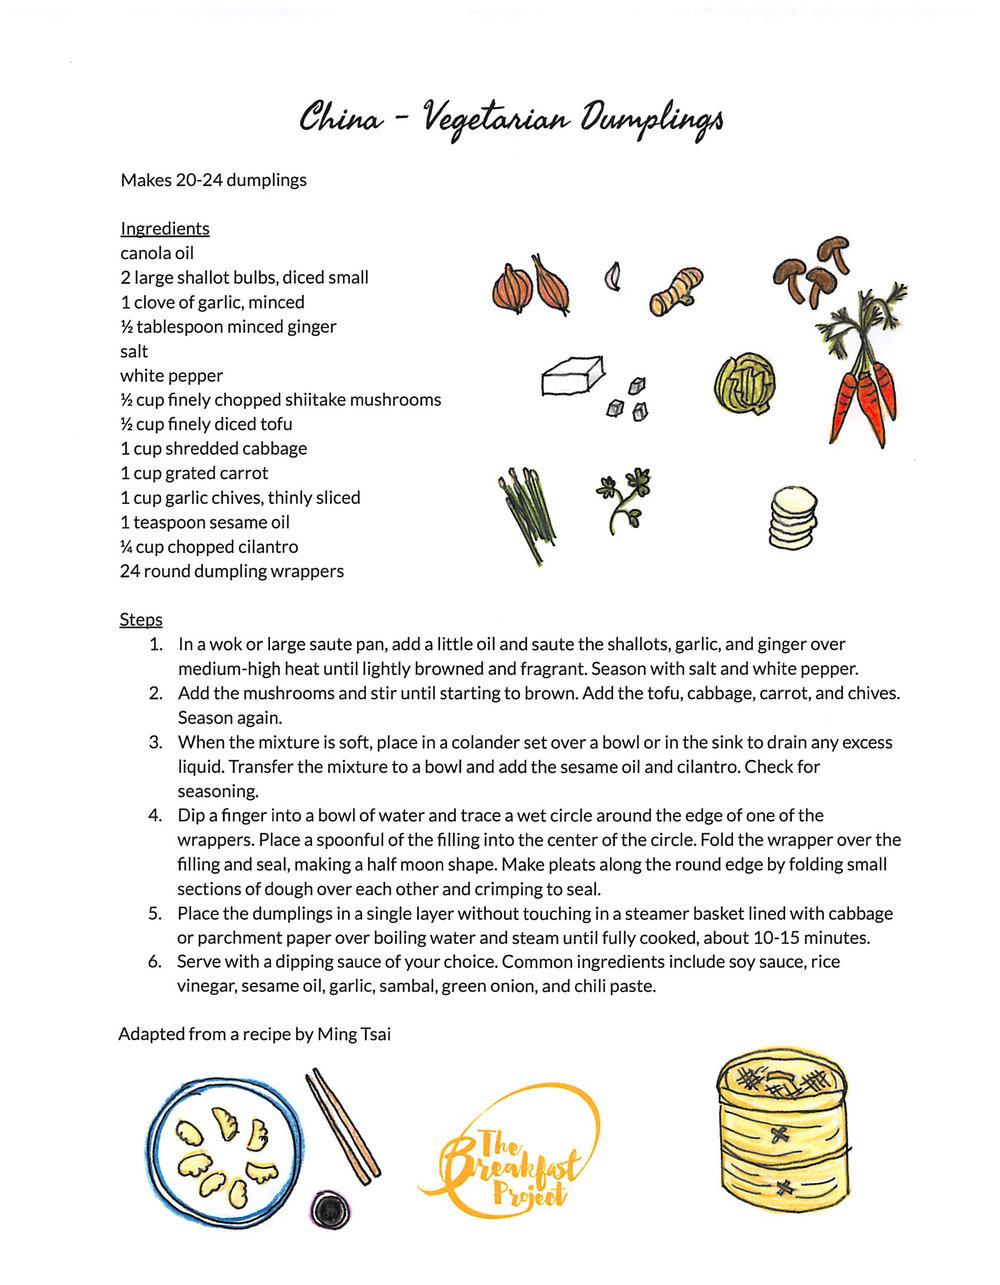 VegetarianDumplingsRecipesmall.jpg